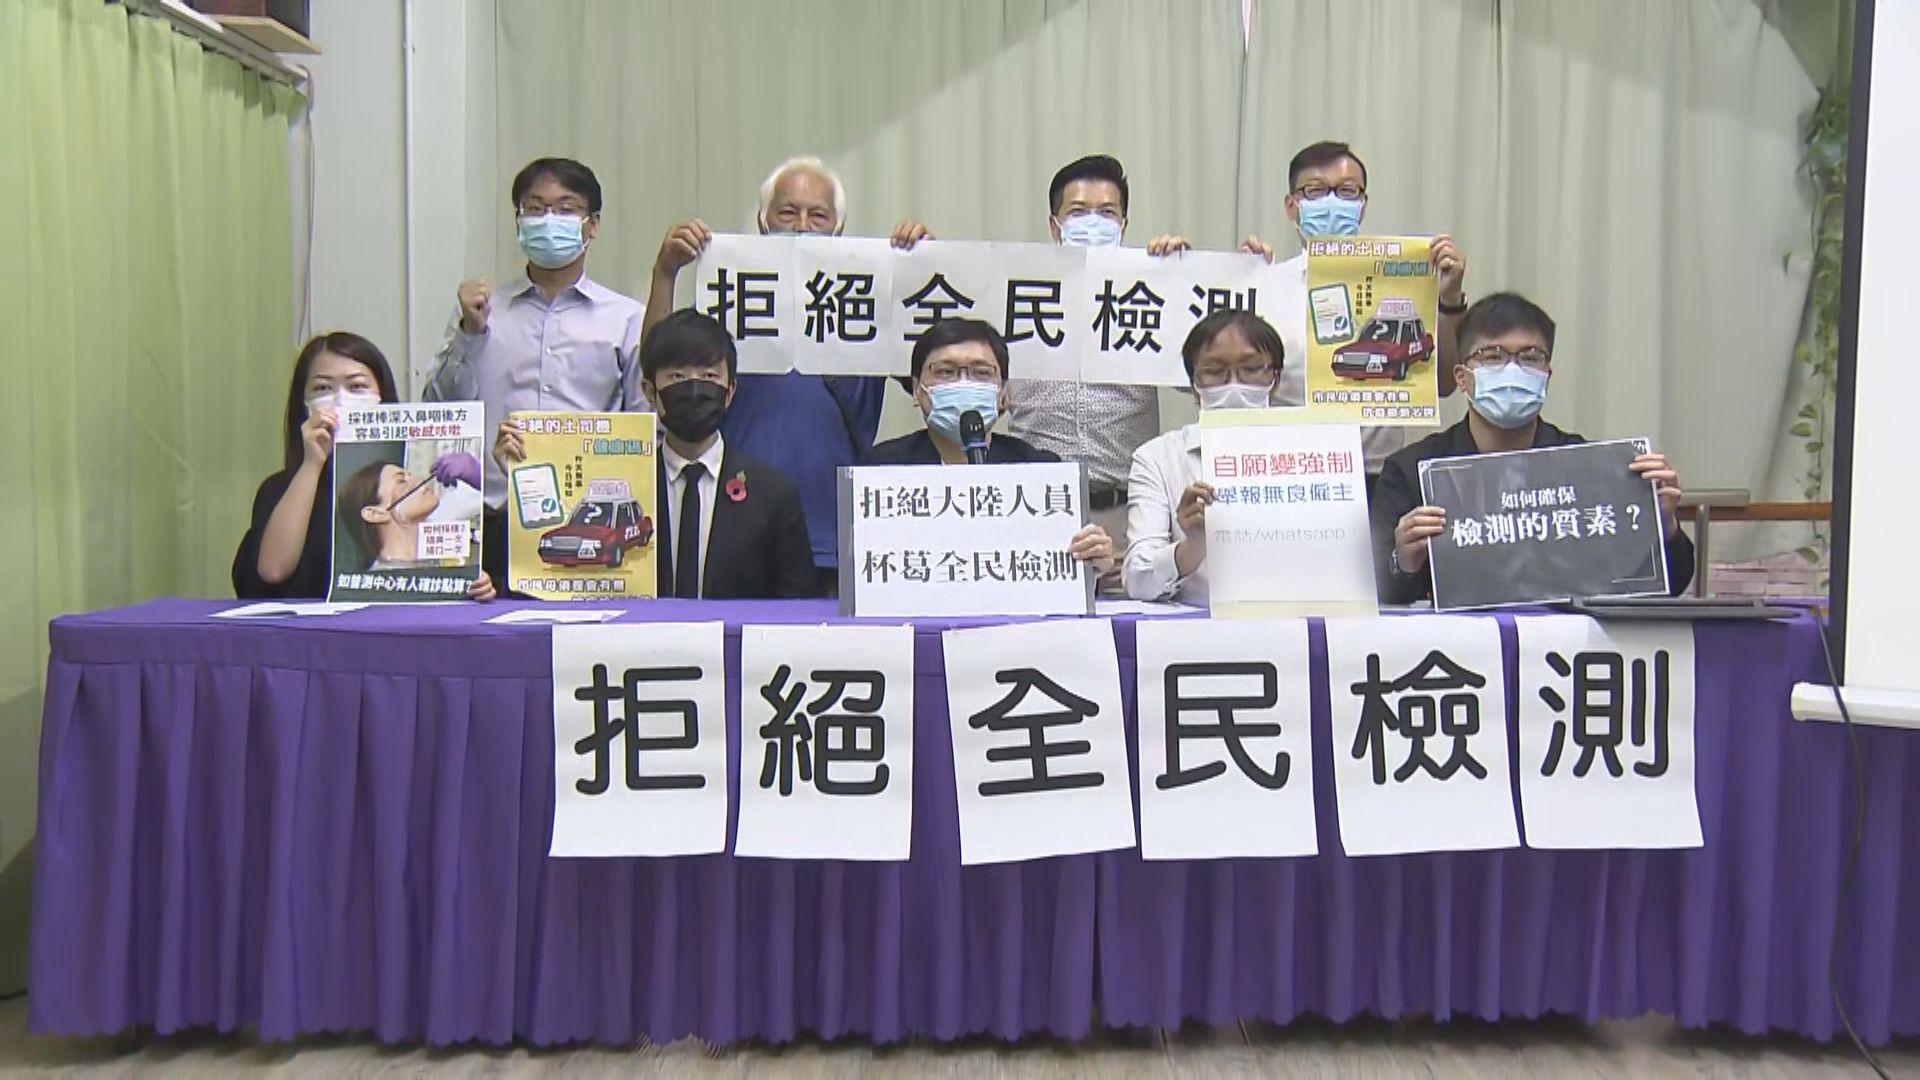 新同盟接投訴 有公司強制員工參與病毒檢測